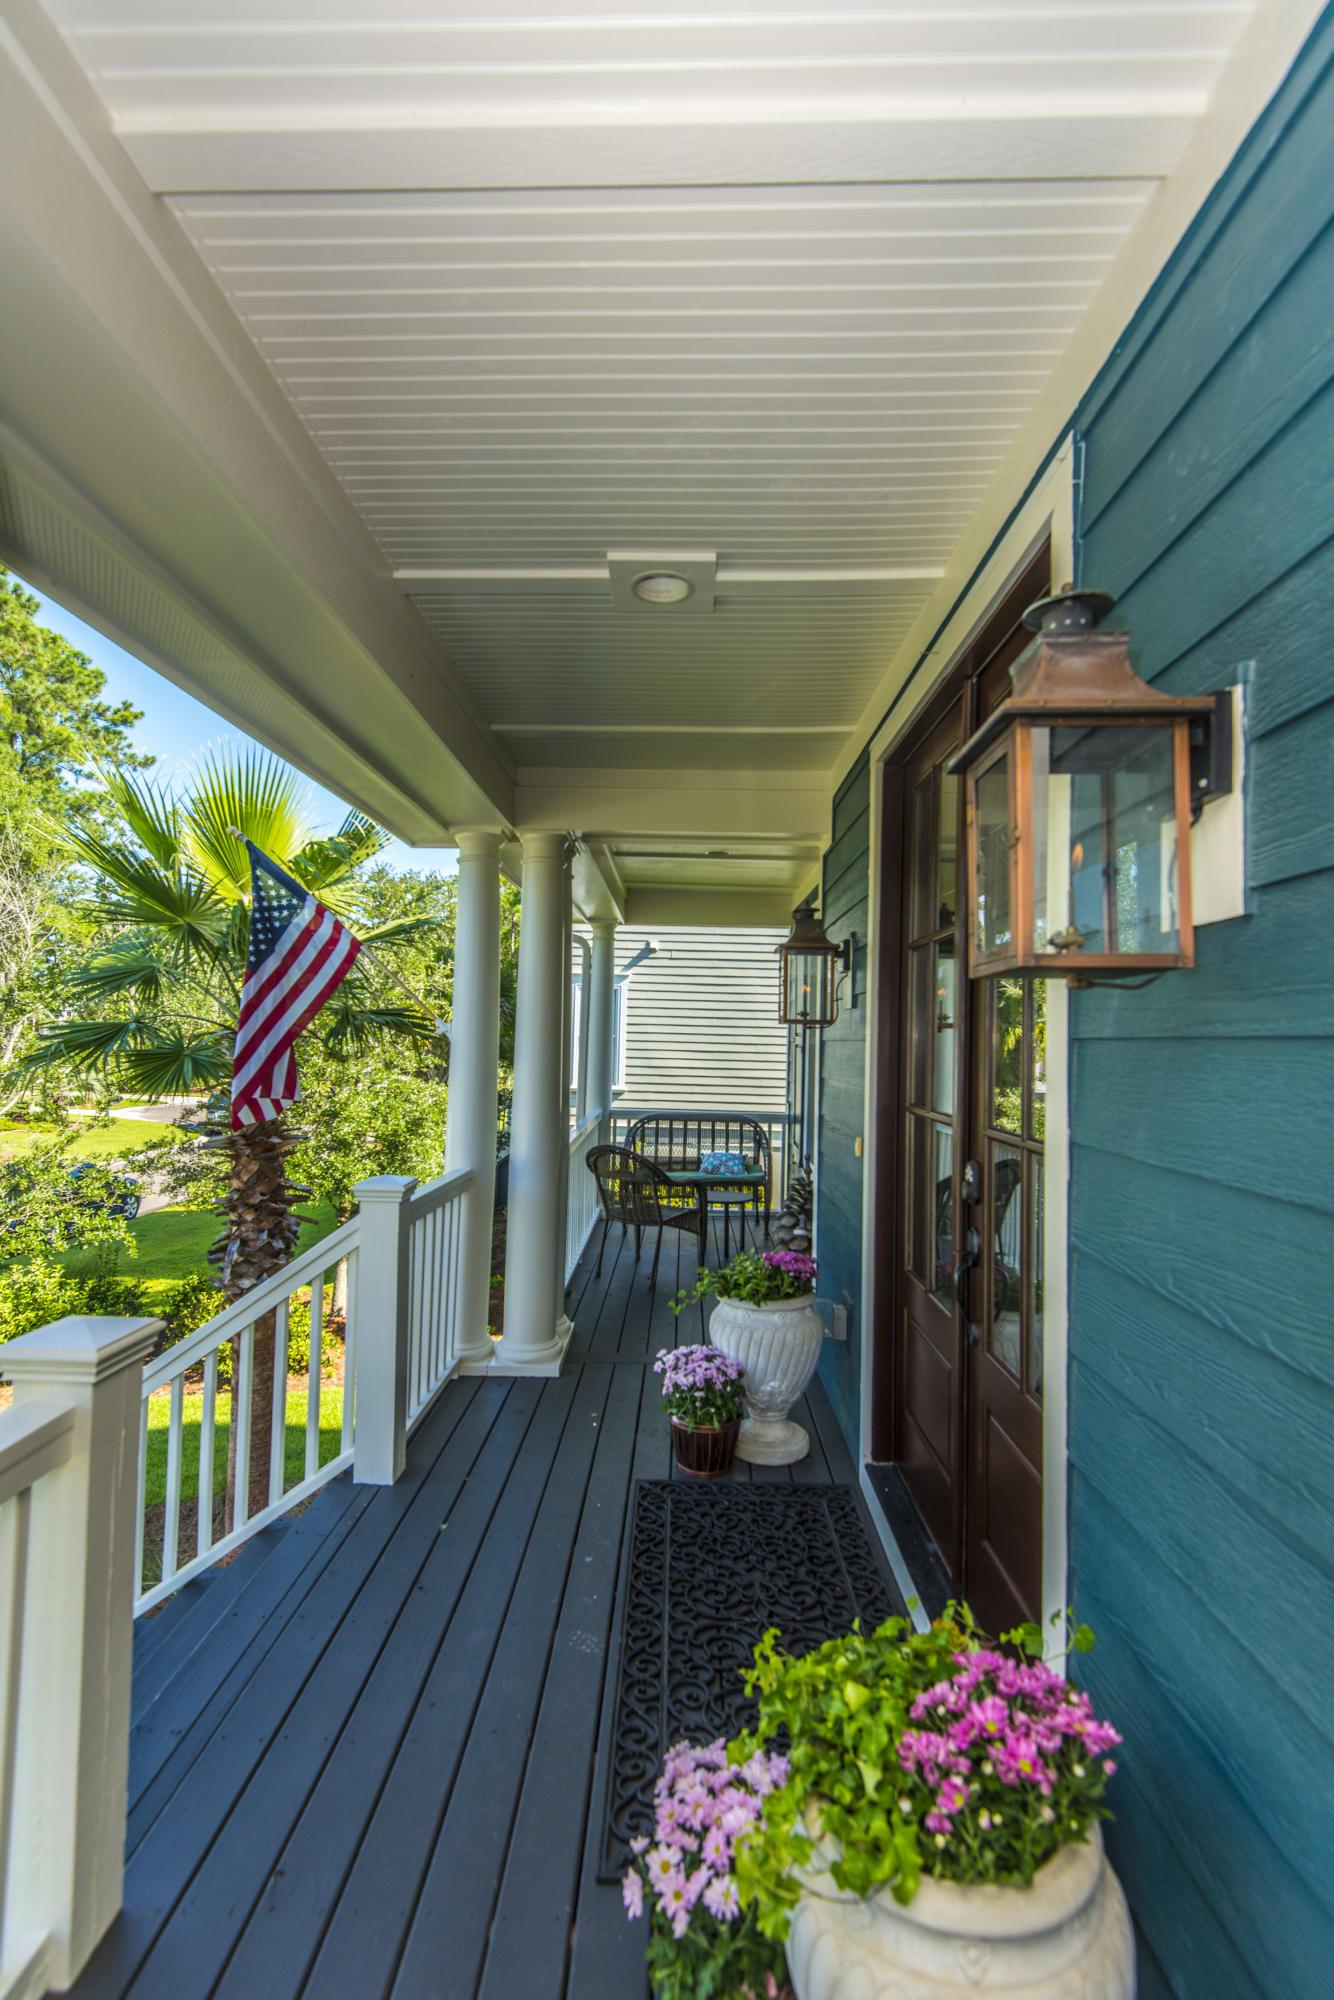 Park West Homes For Sale - 1584 Capel, Mount Pleasant, SC - 44